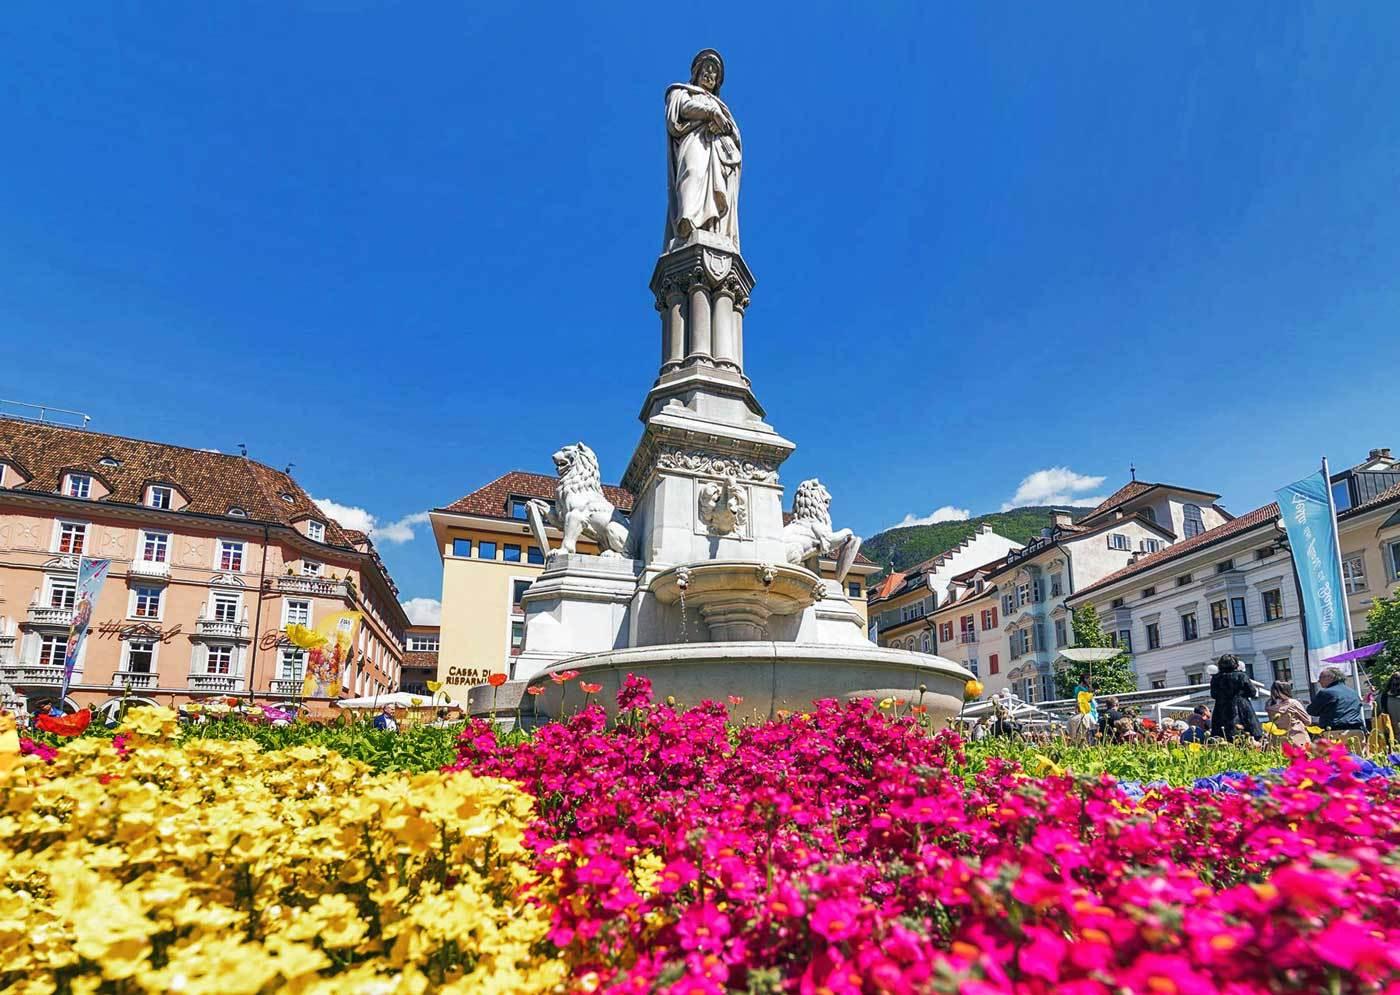 Ecco una immagine della bellissima piazza Walther di Bolzano durante la Festa dei Fiori (bioterra.it)